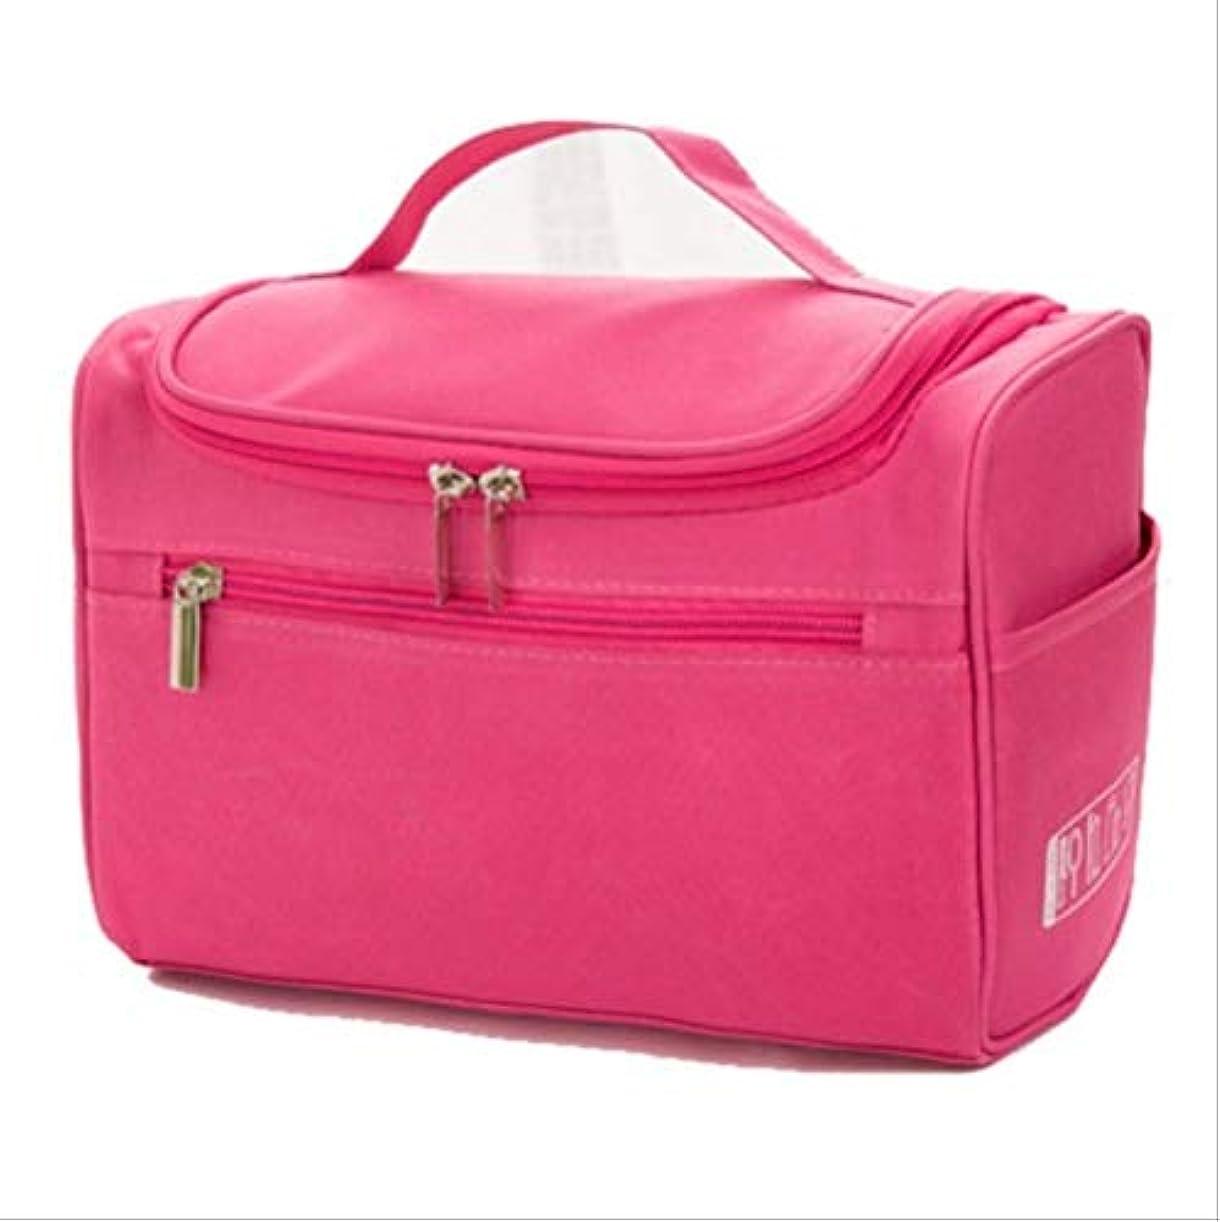 抗議並外れたテクニカル女性用大型防水化粧品バッグ旅行用化粧品バッグの構成には化粧品が必要ですローズレッド